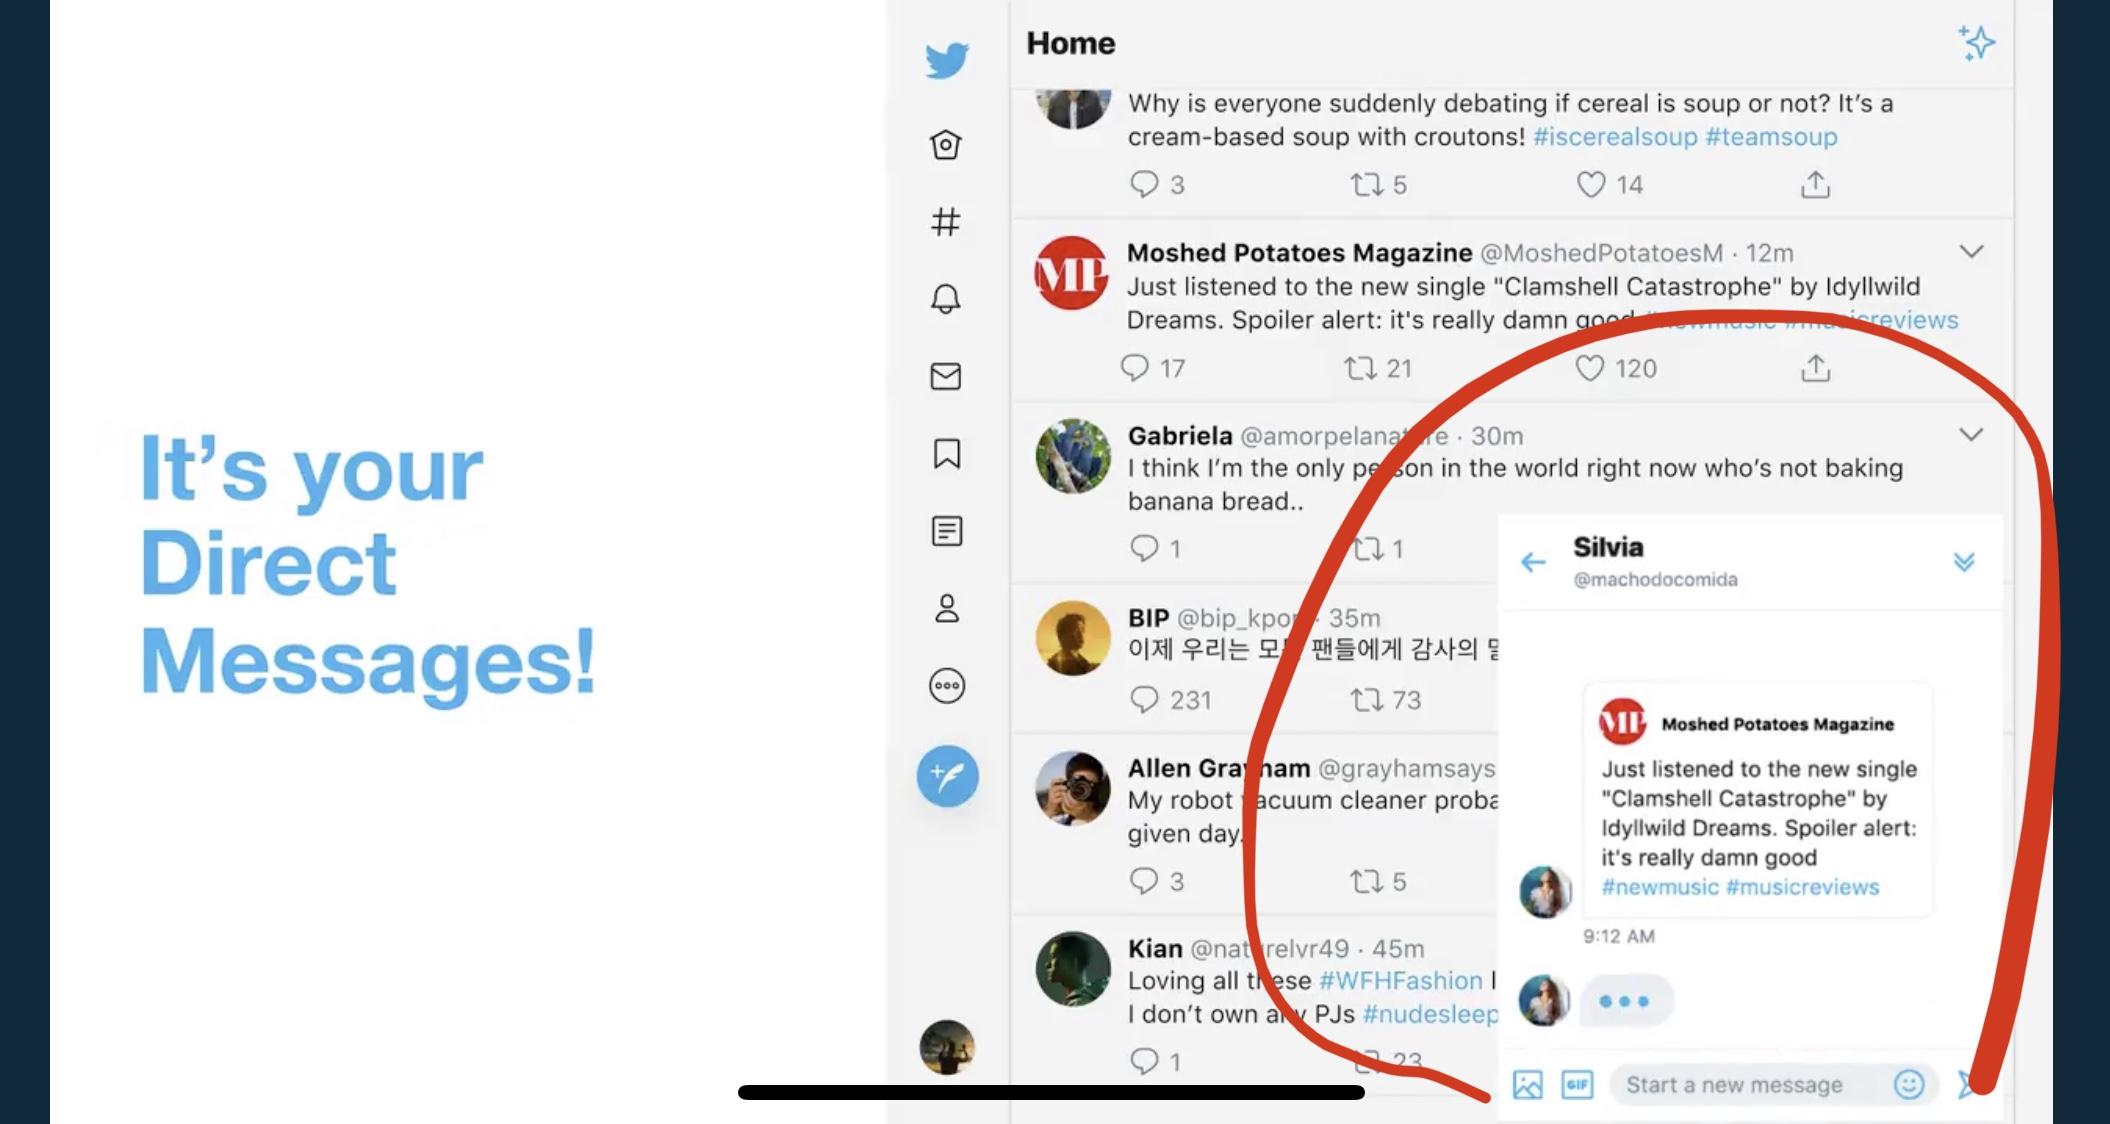 TwitterすぐDM送受信?ブラウザ版でタイムライン離れず右下からメッセージ確認可能。ツイッター新機能アップデータ最新ニュース2020年7月